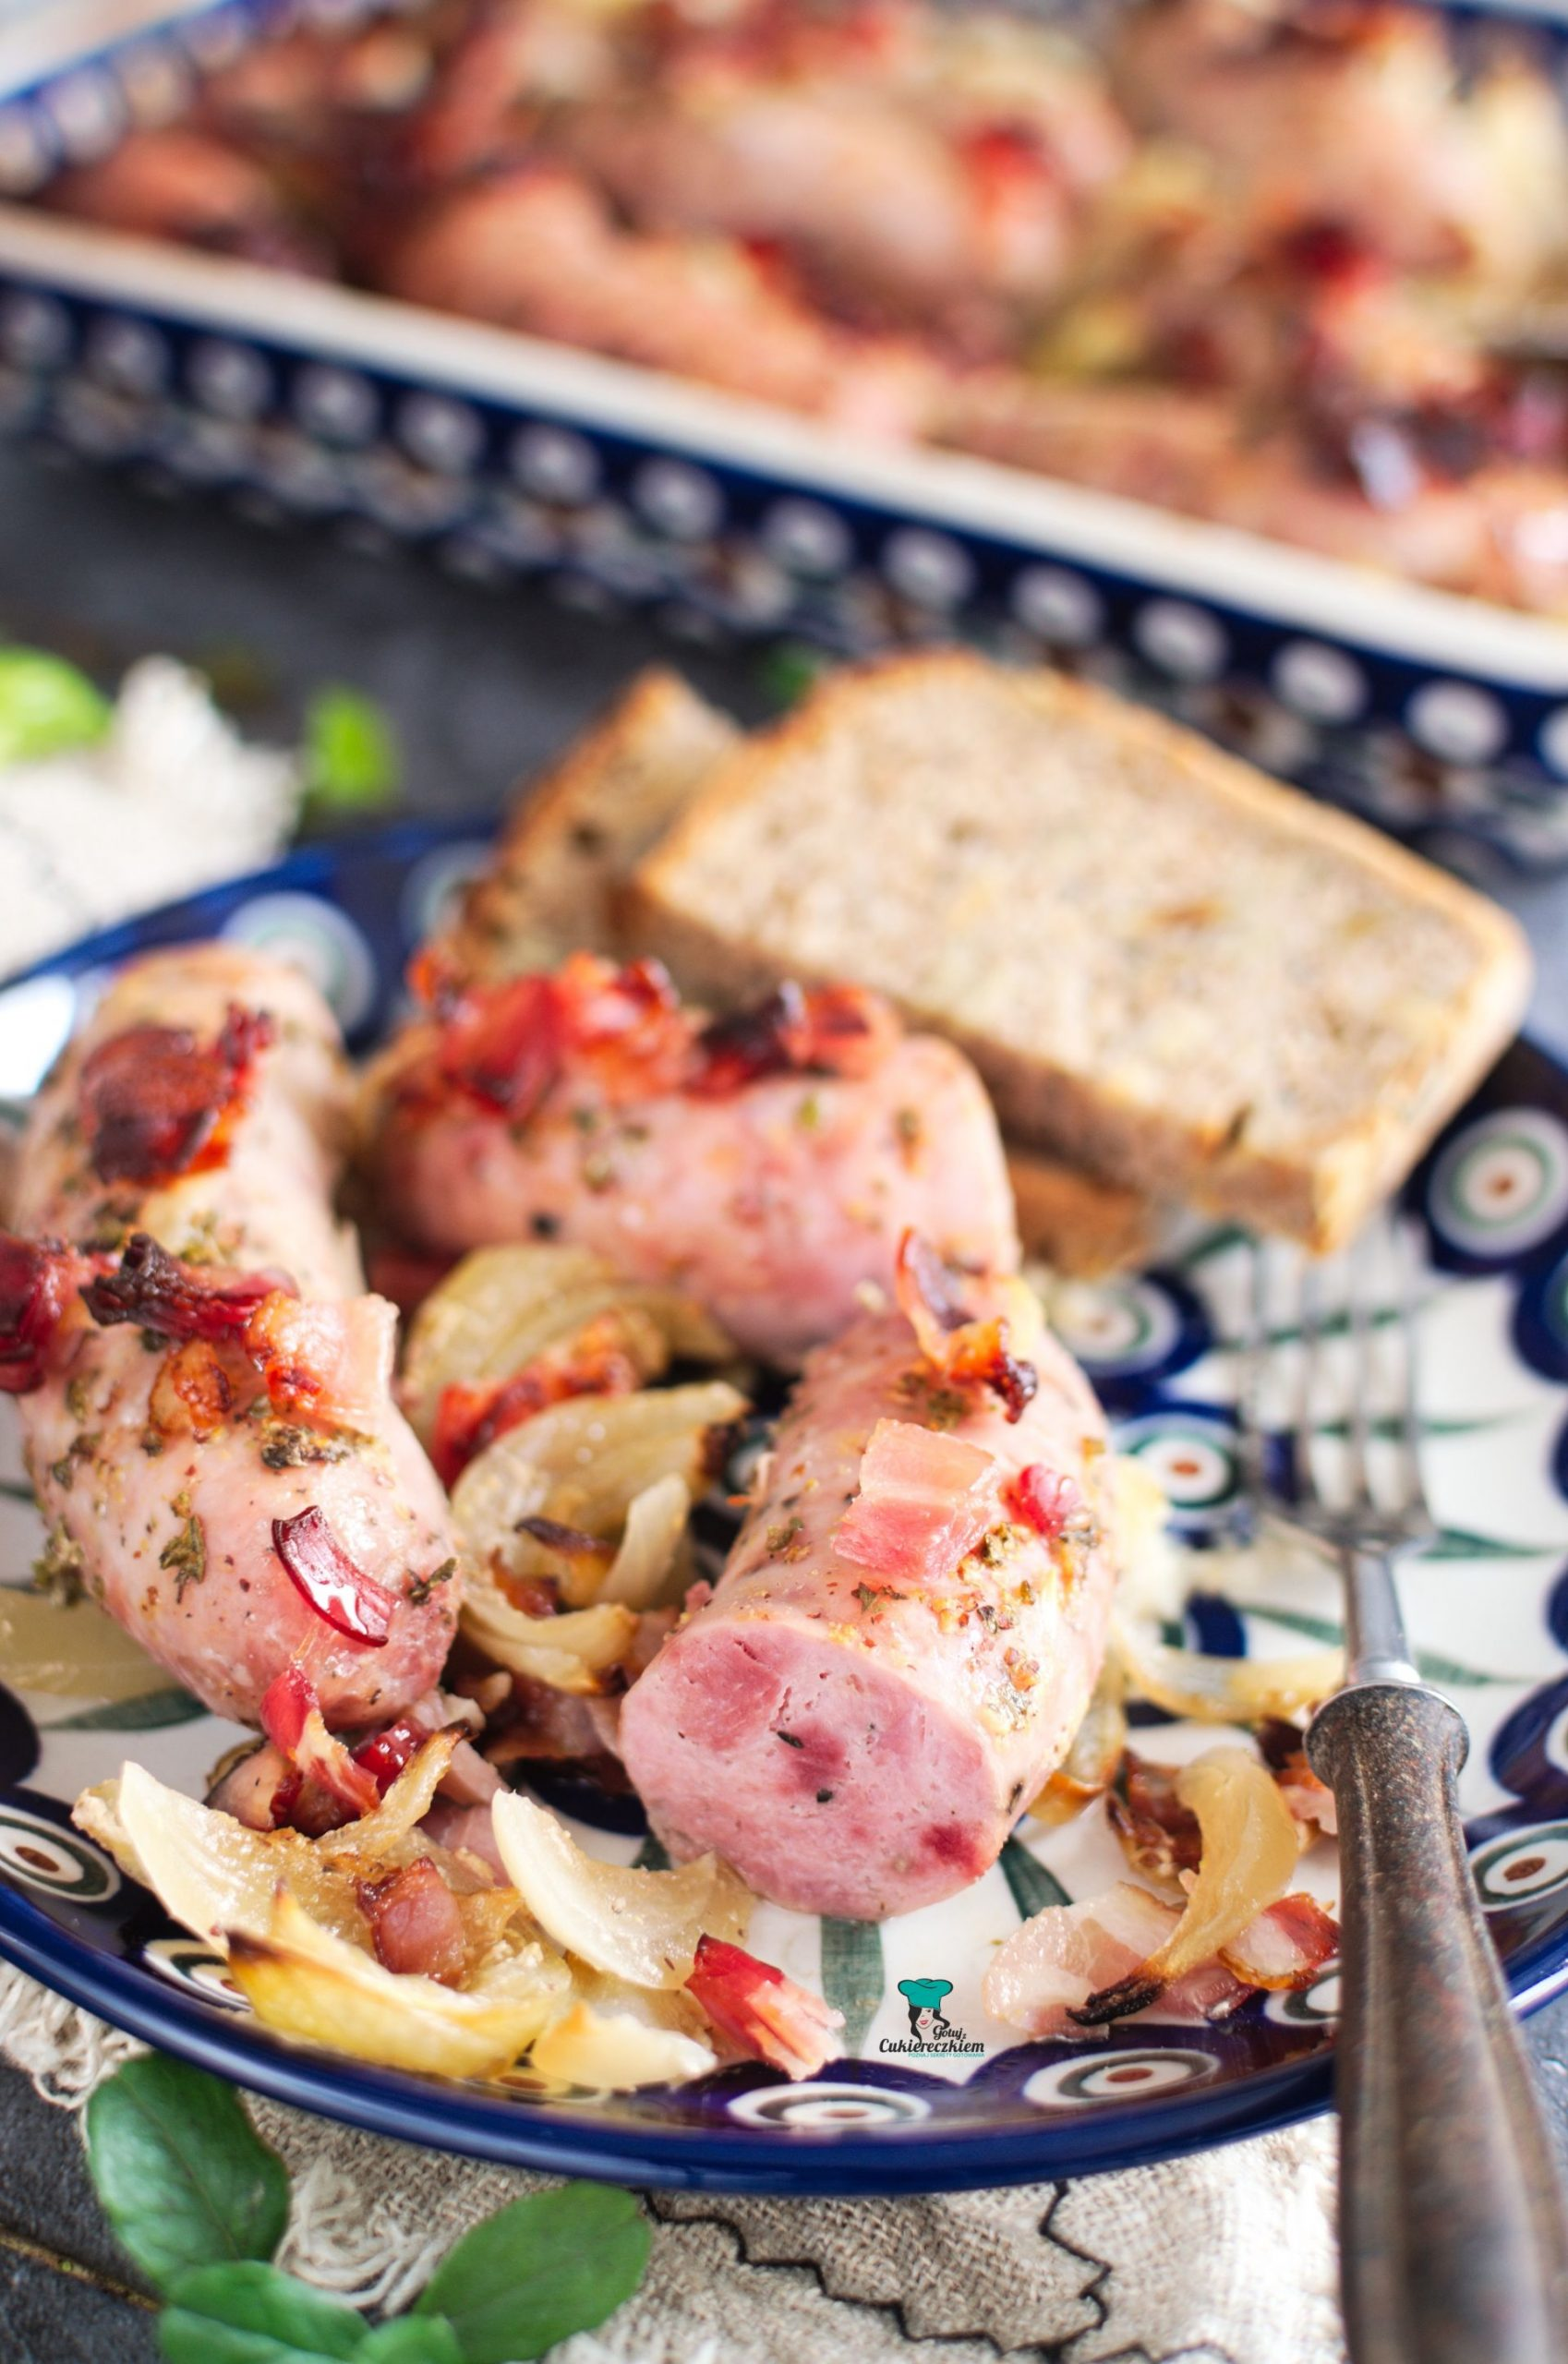 Biała kiełbasa pieczona z boczkiem i cebulą